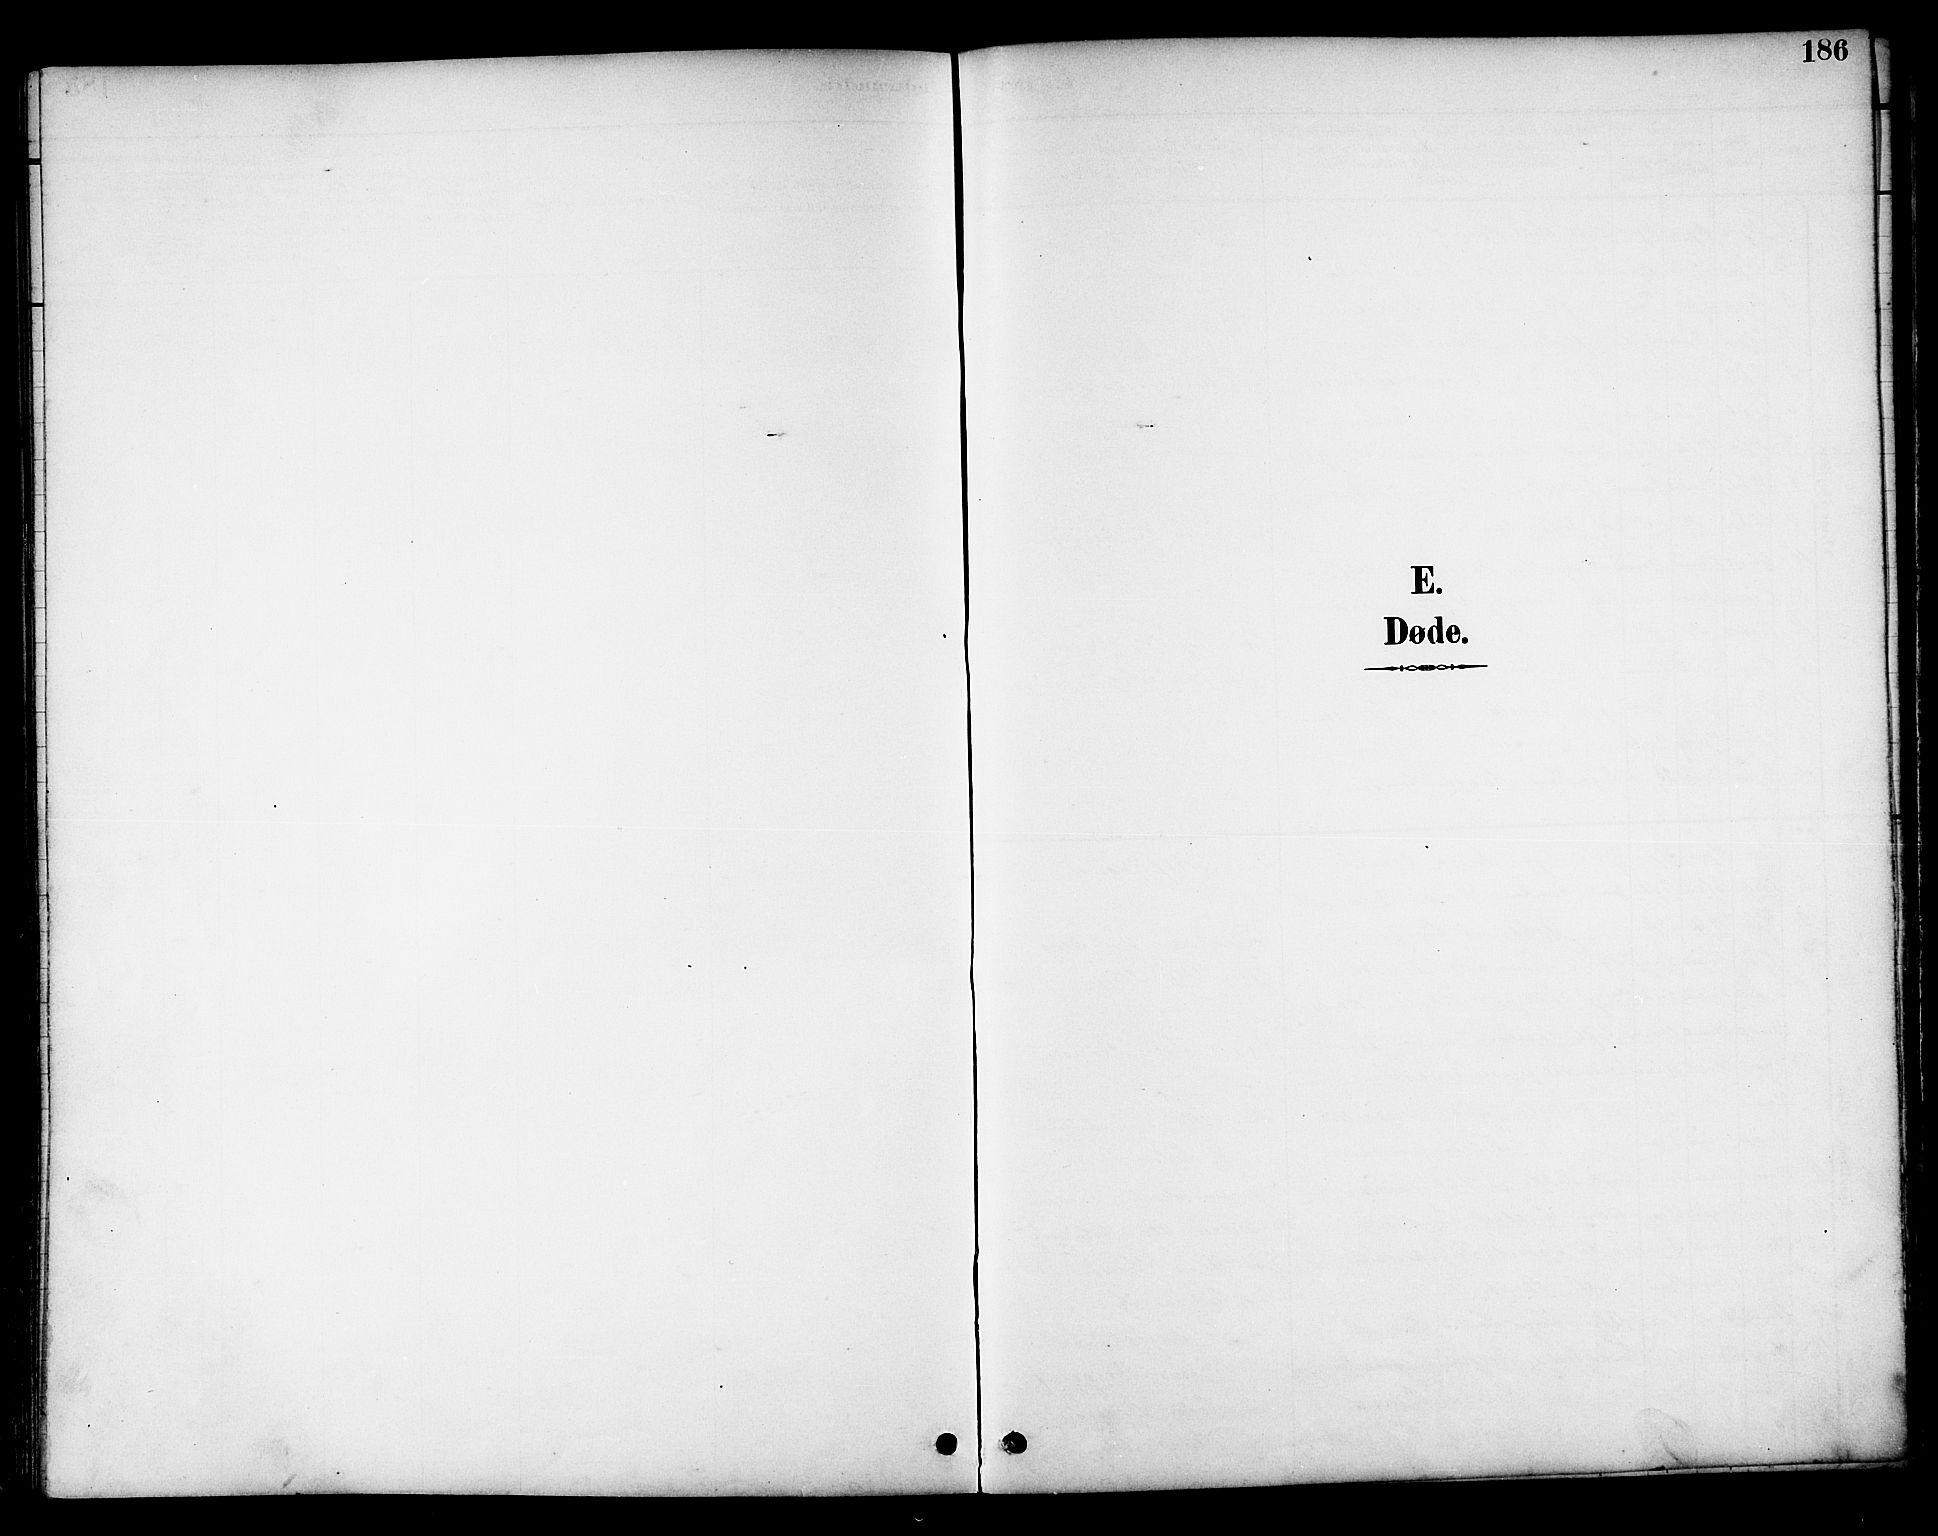 SAT, Ministerialprotokoller, klokkerbøker og fødselsregistre - Nord-Trøndelag, 709/L0087: Klokkerbok nr. 709C01, 1892-1913, s. 186